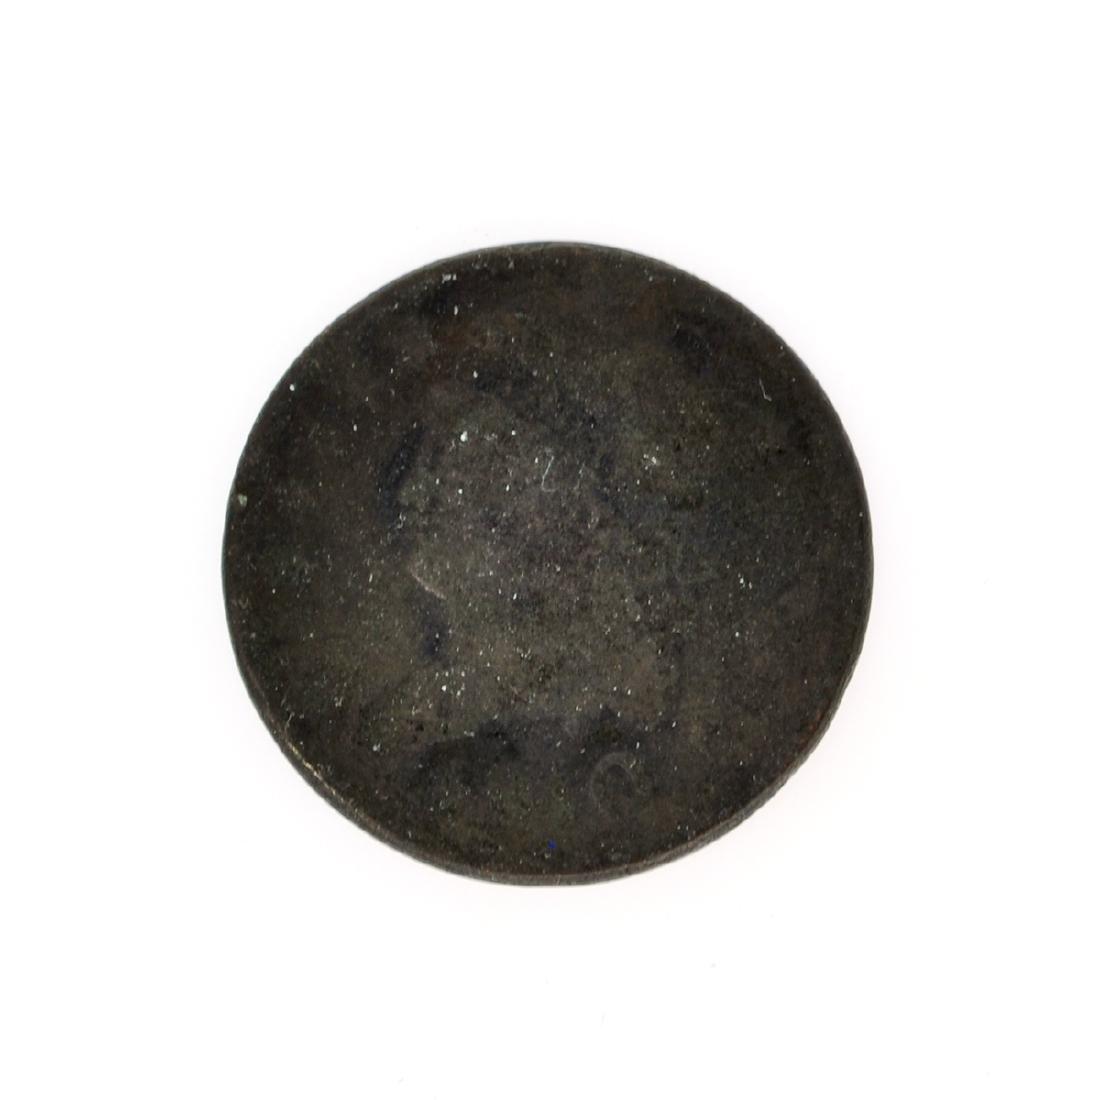 Rare 1810 Classic Half Cent Coin